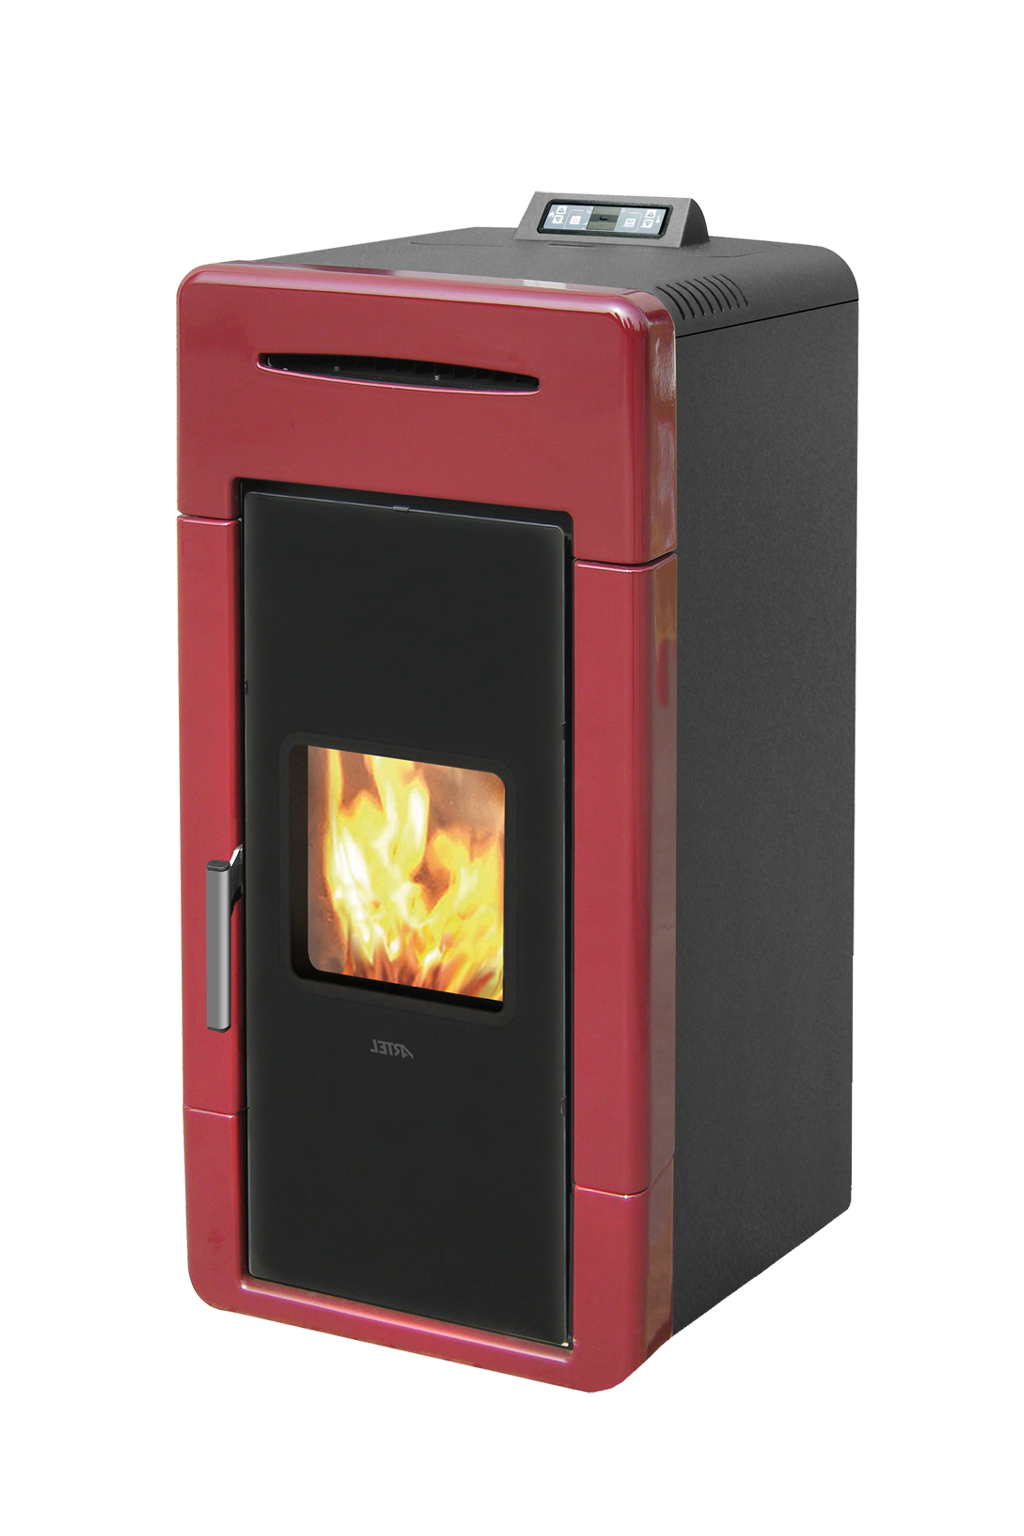 CV ceramic rood 24 kW - 430m³